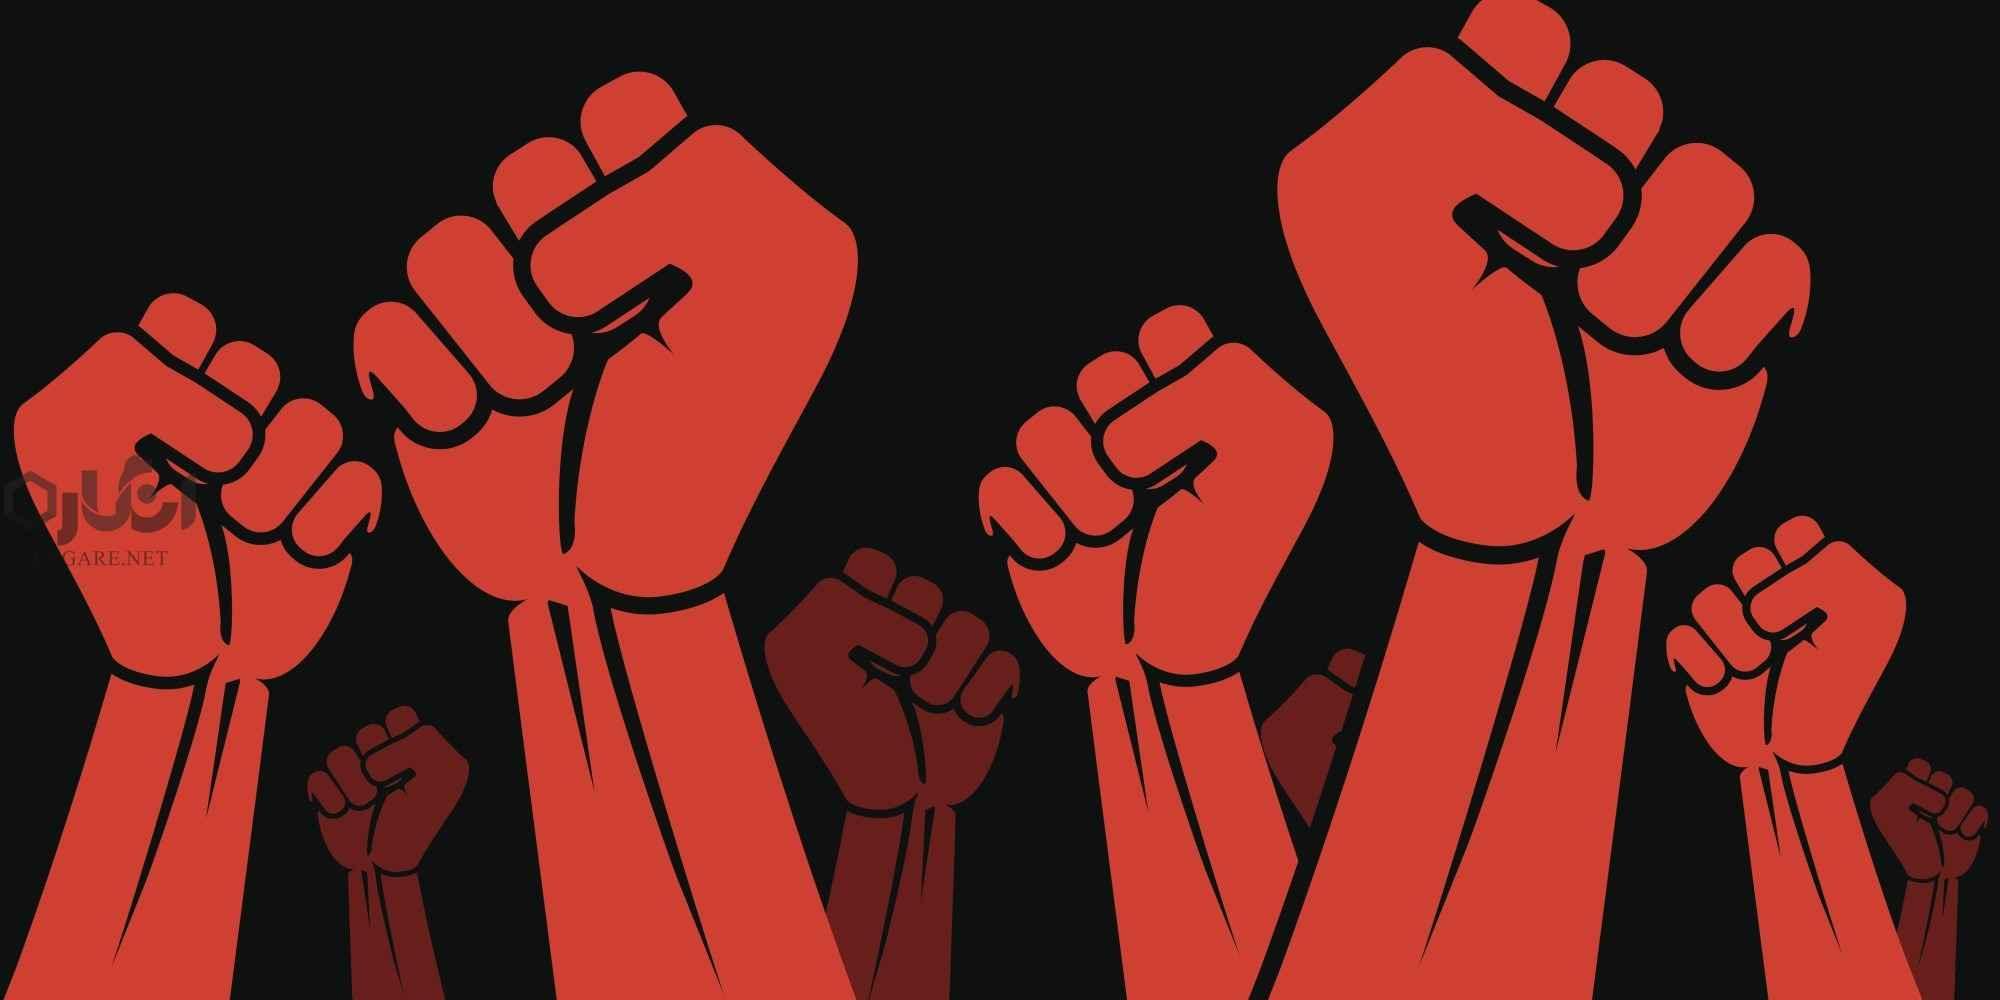 REVOLUTION - انقلاب - ویلیام آوتوِیت, مدرسه علوم اجتماعی, فرهنگ علوم اجتماعی, علوم اجتماعی, رهنگ علوم اجتماعی قرن بیستم, دموکراسی, خودکامگی, جنگ چریکی, جامعه شناسی, تام باتامور, انقلاب علمی, انقلاب, اشراف سالاری, REVOLUTION